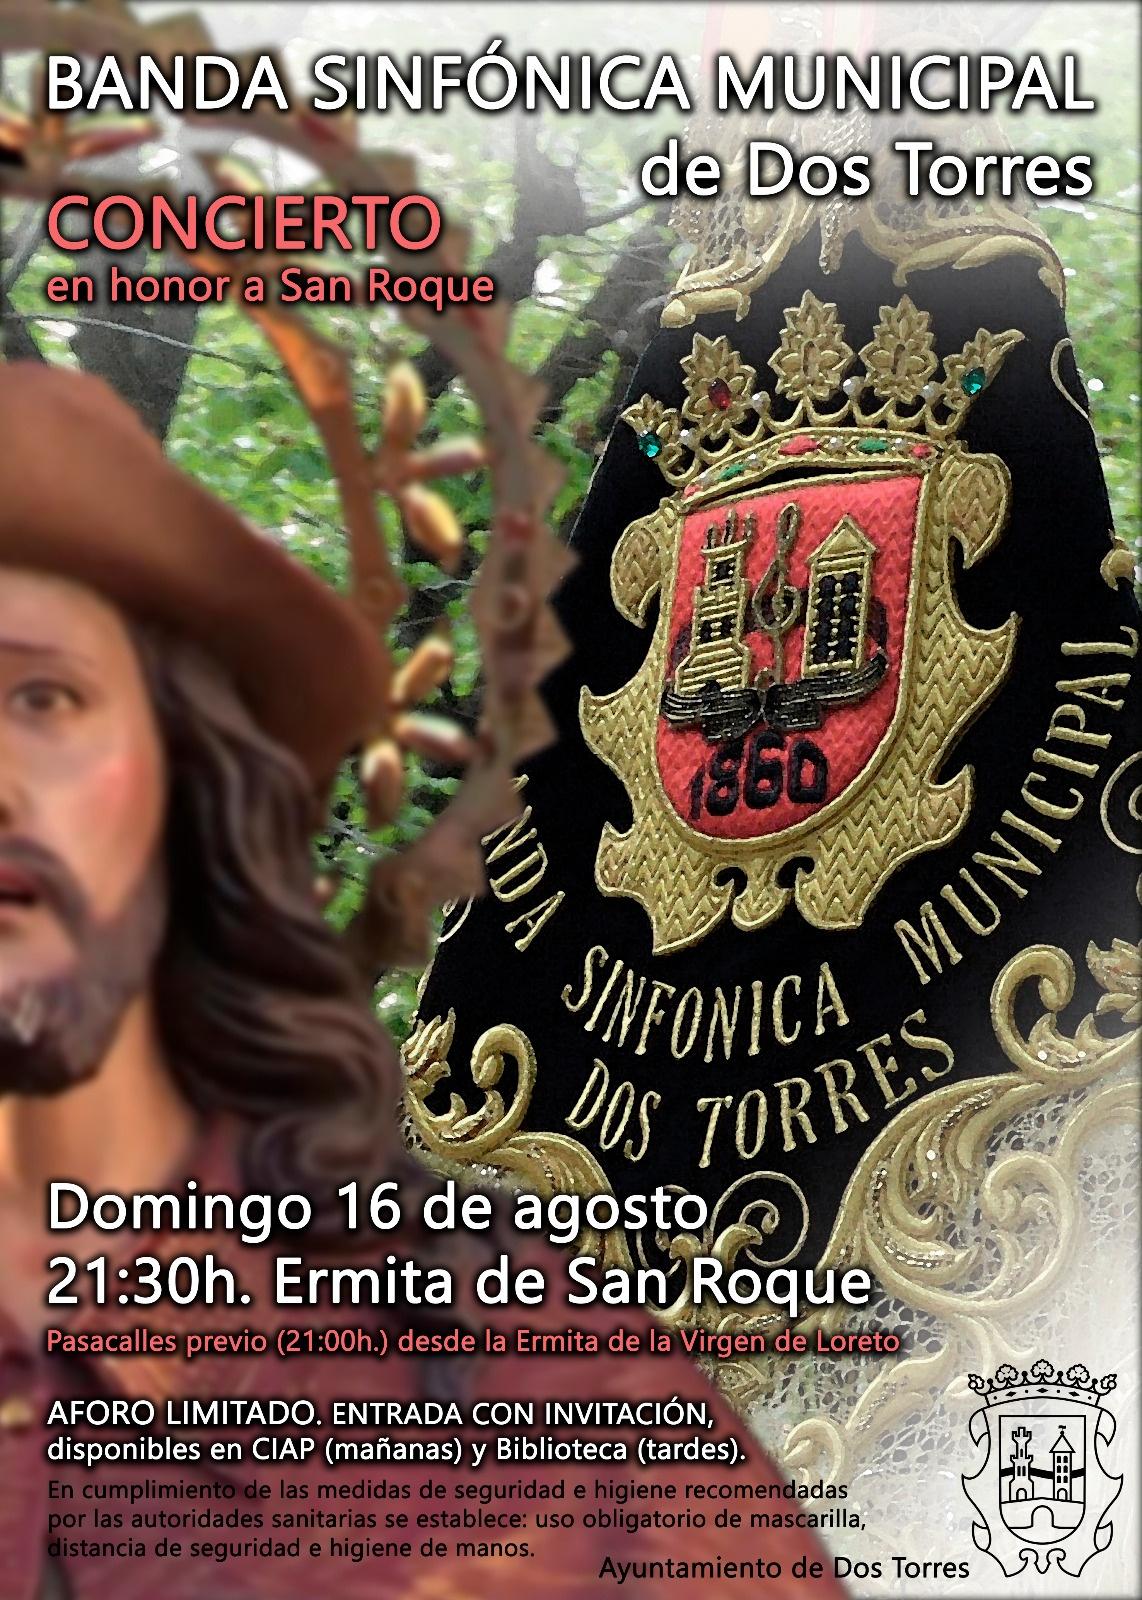 CONCIERTO BANDA SINFONICA SAN ROQUE